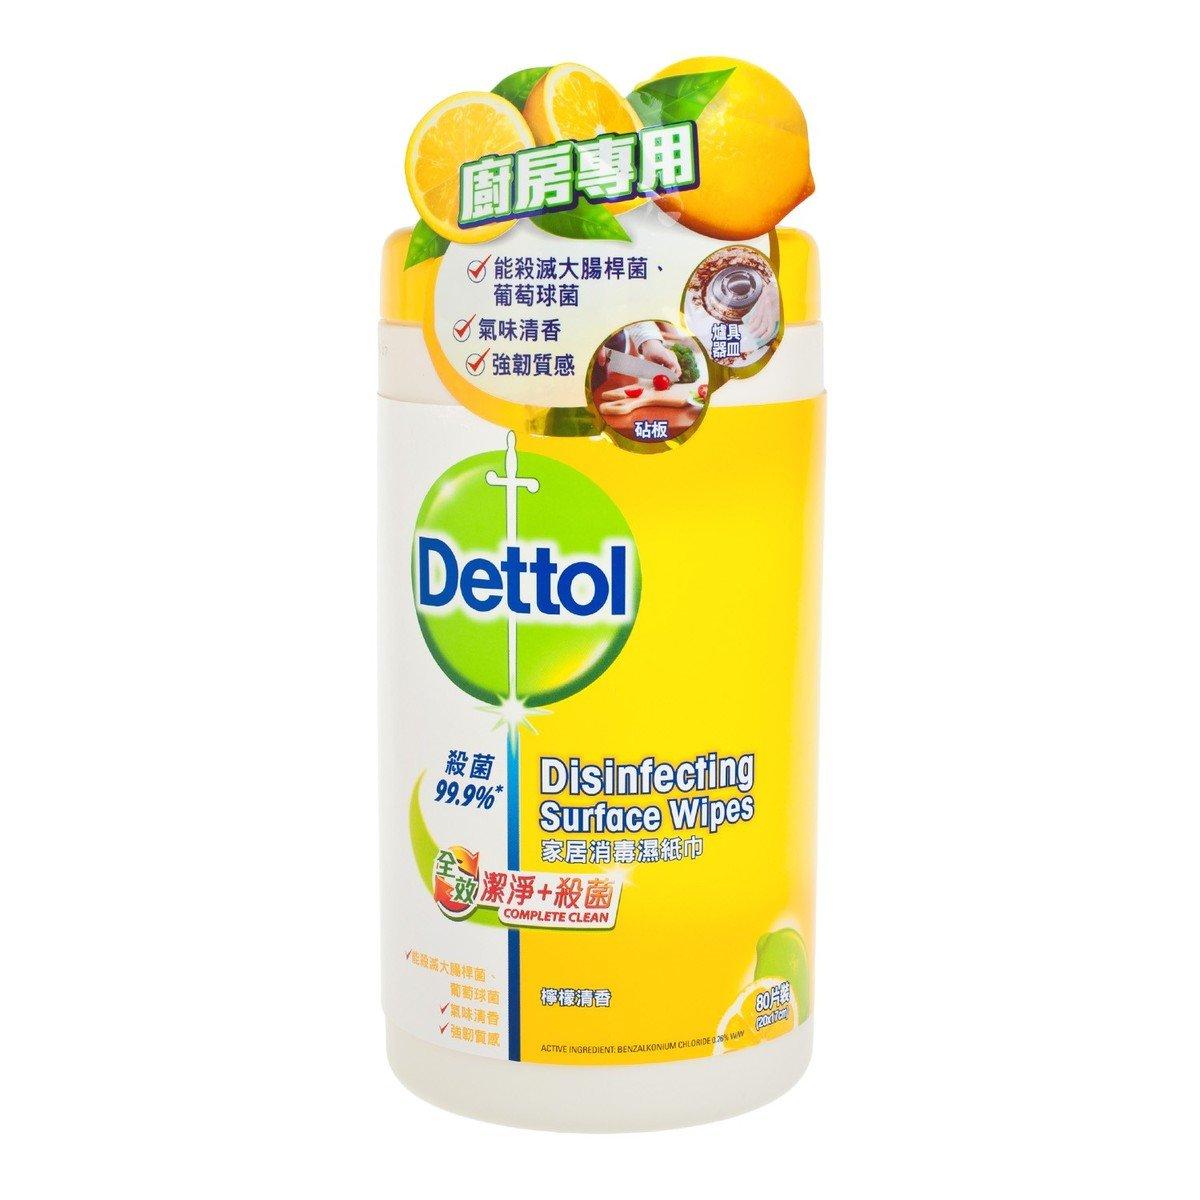 全效潔淨殺菌家居消毒濕紙巾 (檸檬香味)